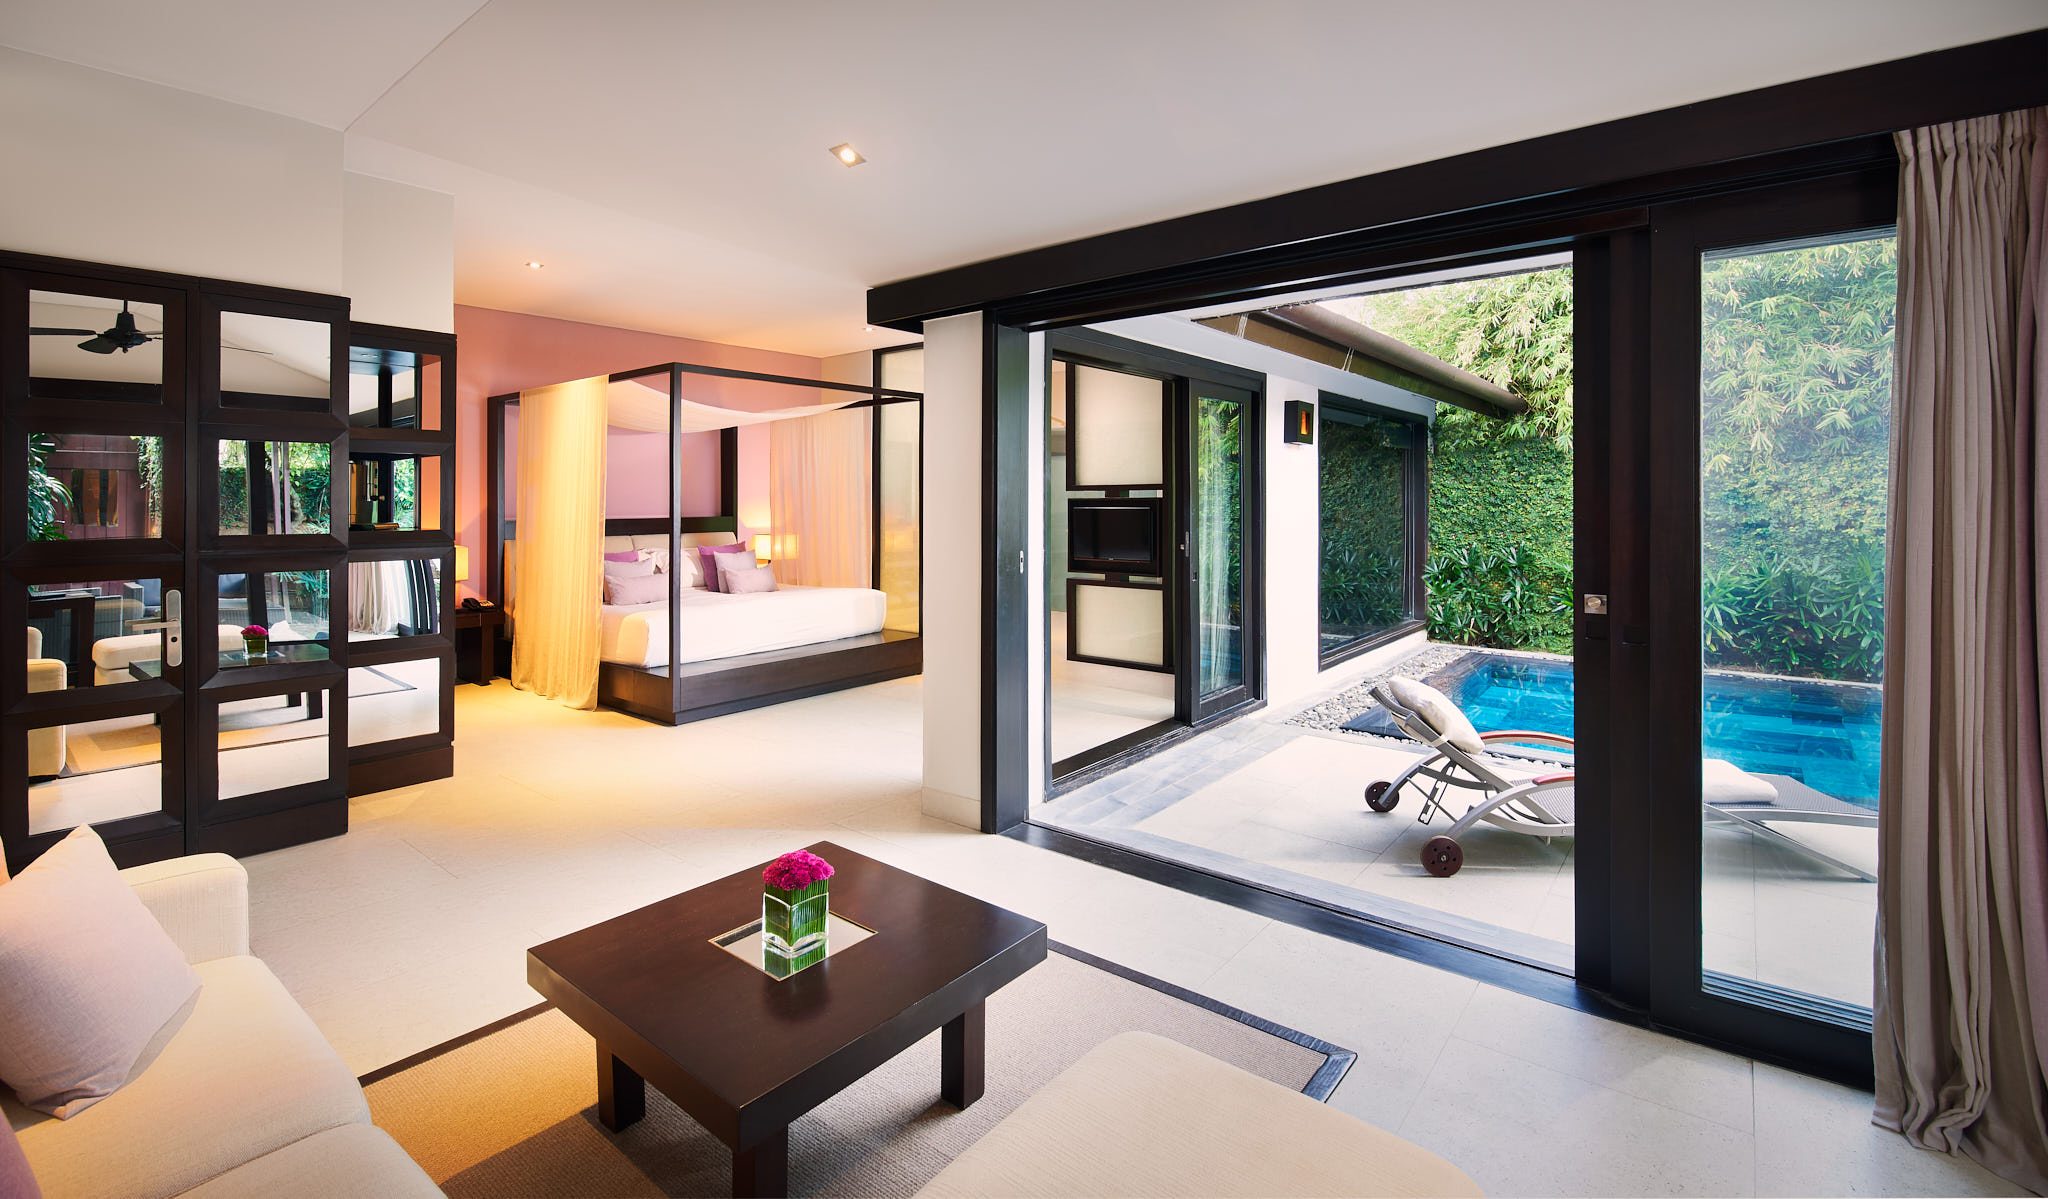 Pool Villa Interior.jpg